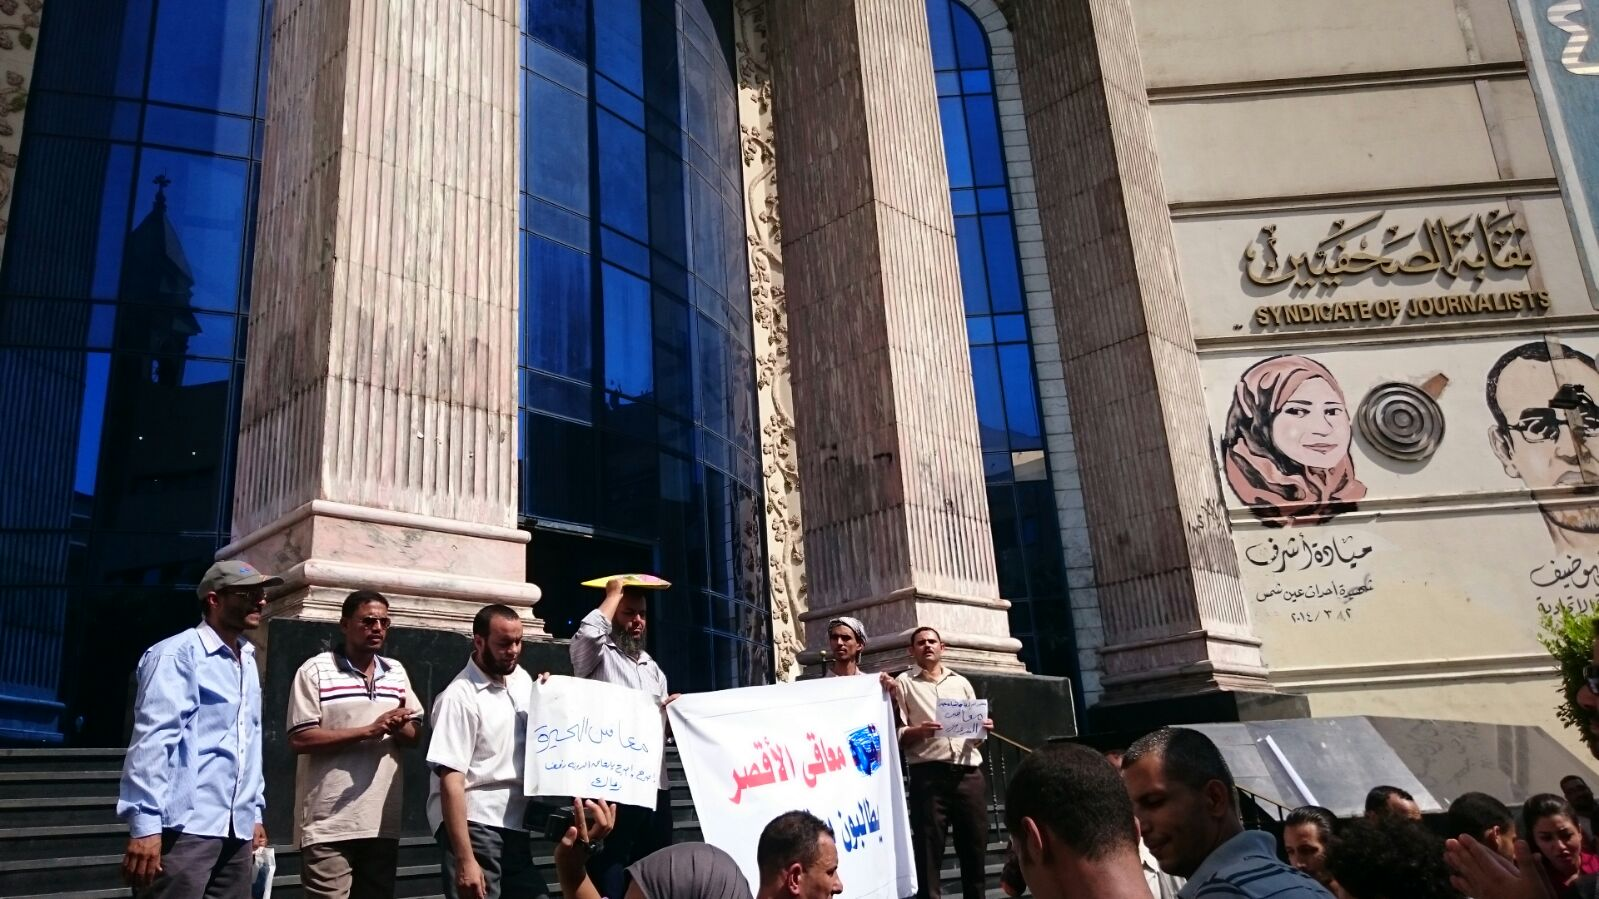 وقفة لذوي الاحتياجات على سلم «الصحفيين»: «لا عدالة ولا حرية.. كل حاجة زي ما هيا» 📷 ▶